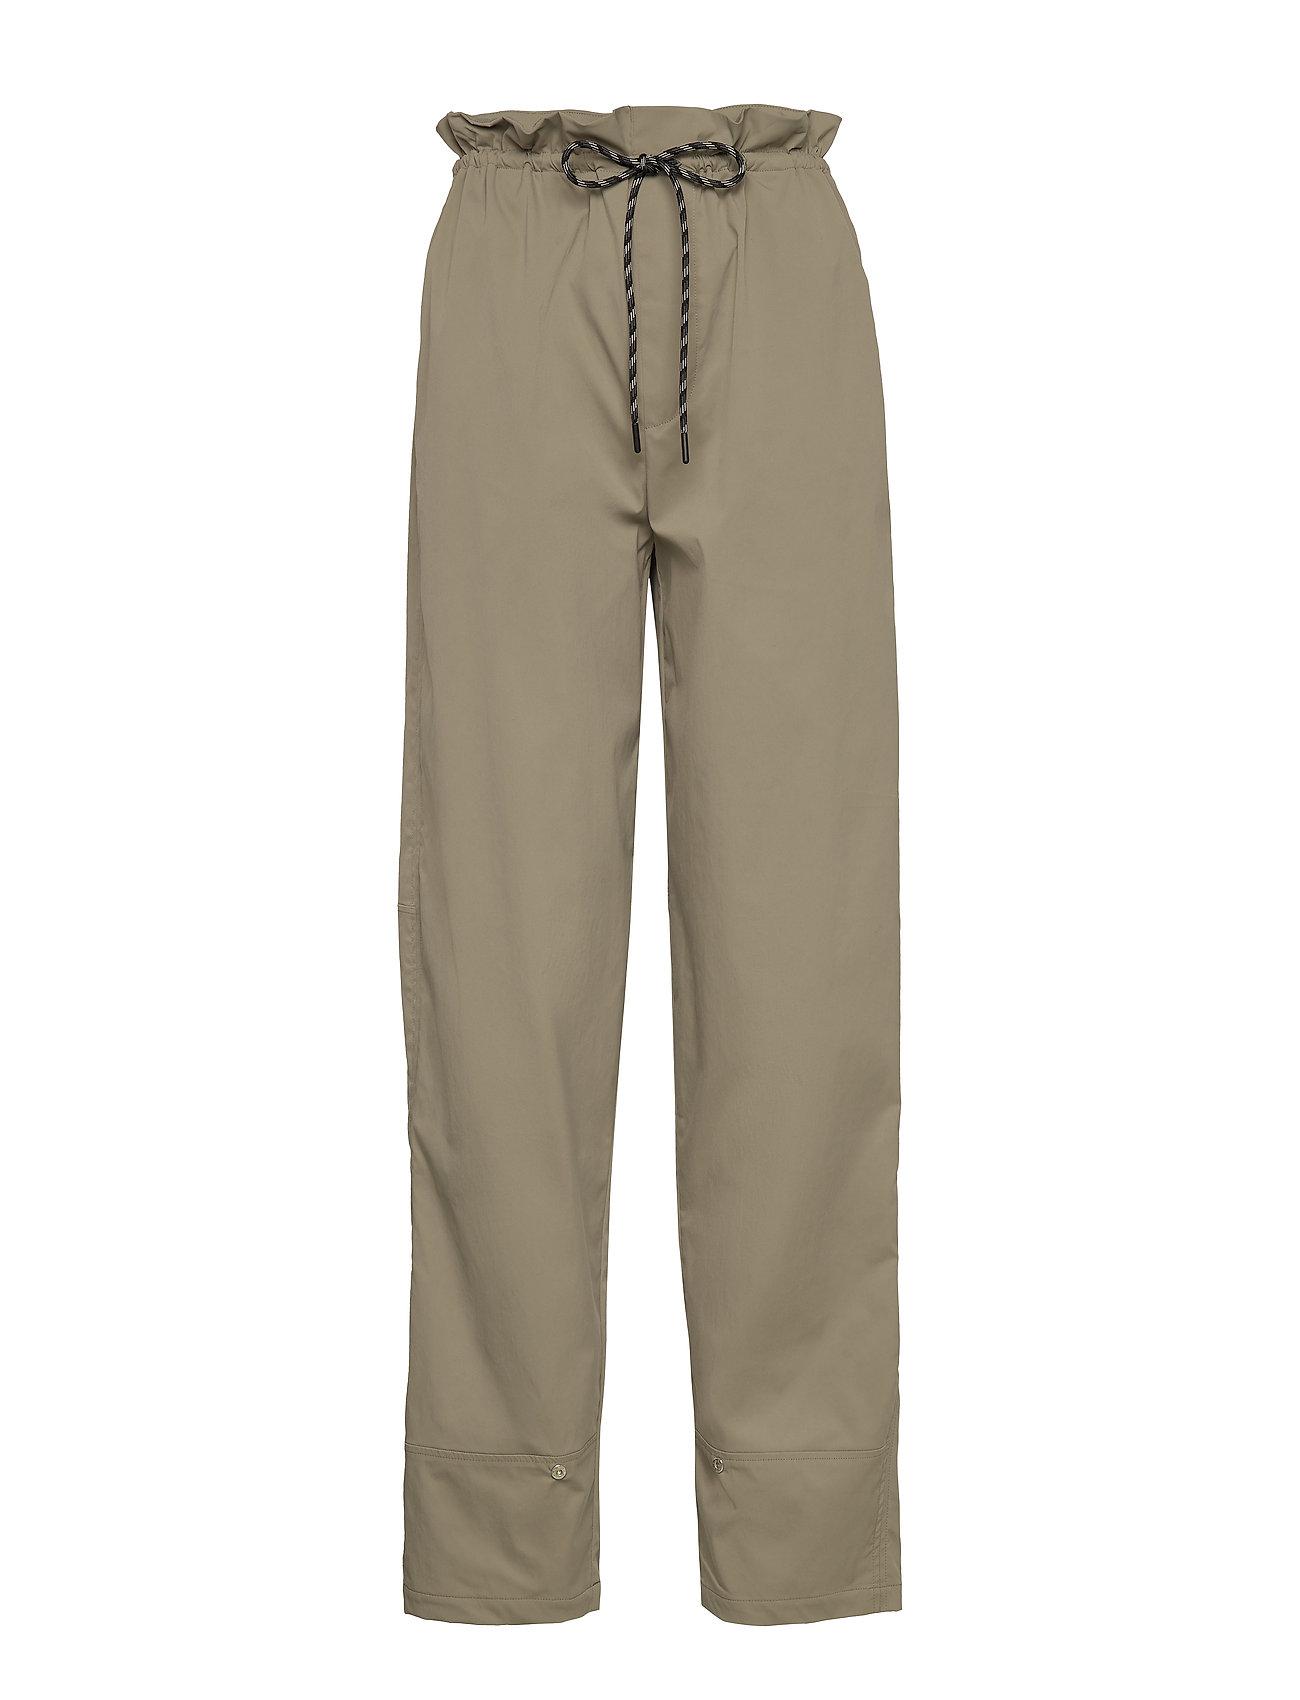 Image of Dance Trouser Bukser Med Lige Ben Beige Filippa K Soft Sport (3351890595)